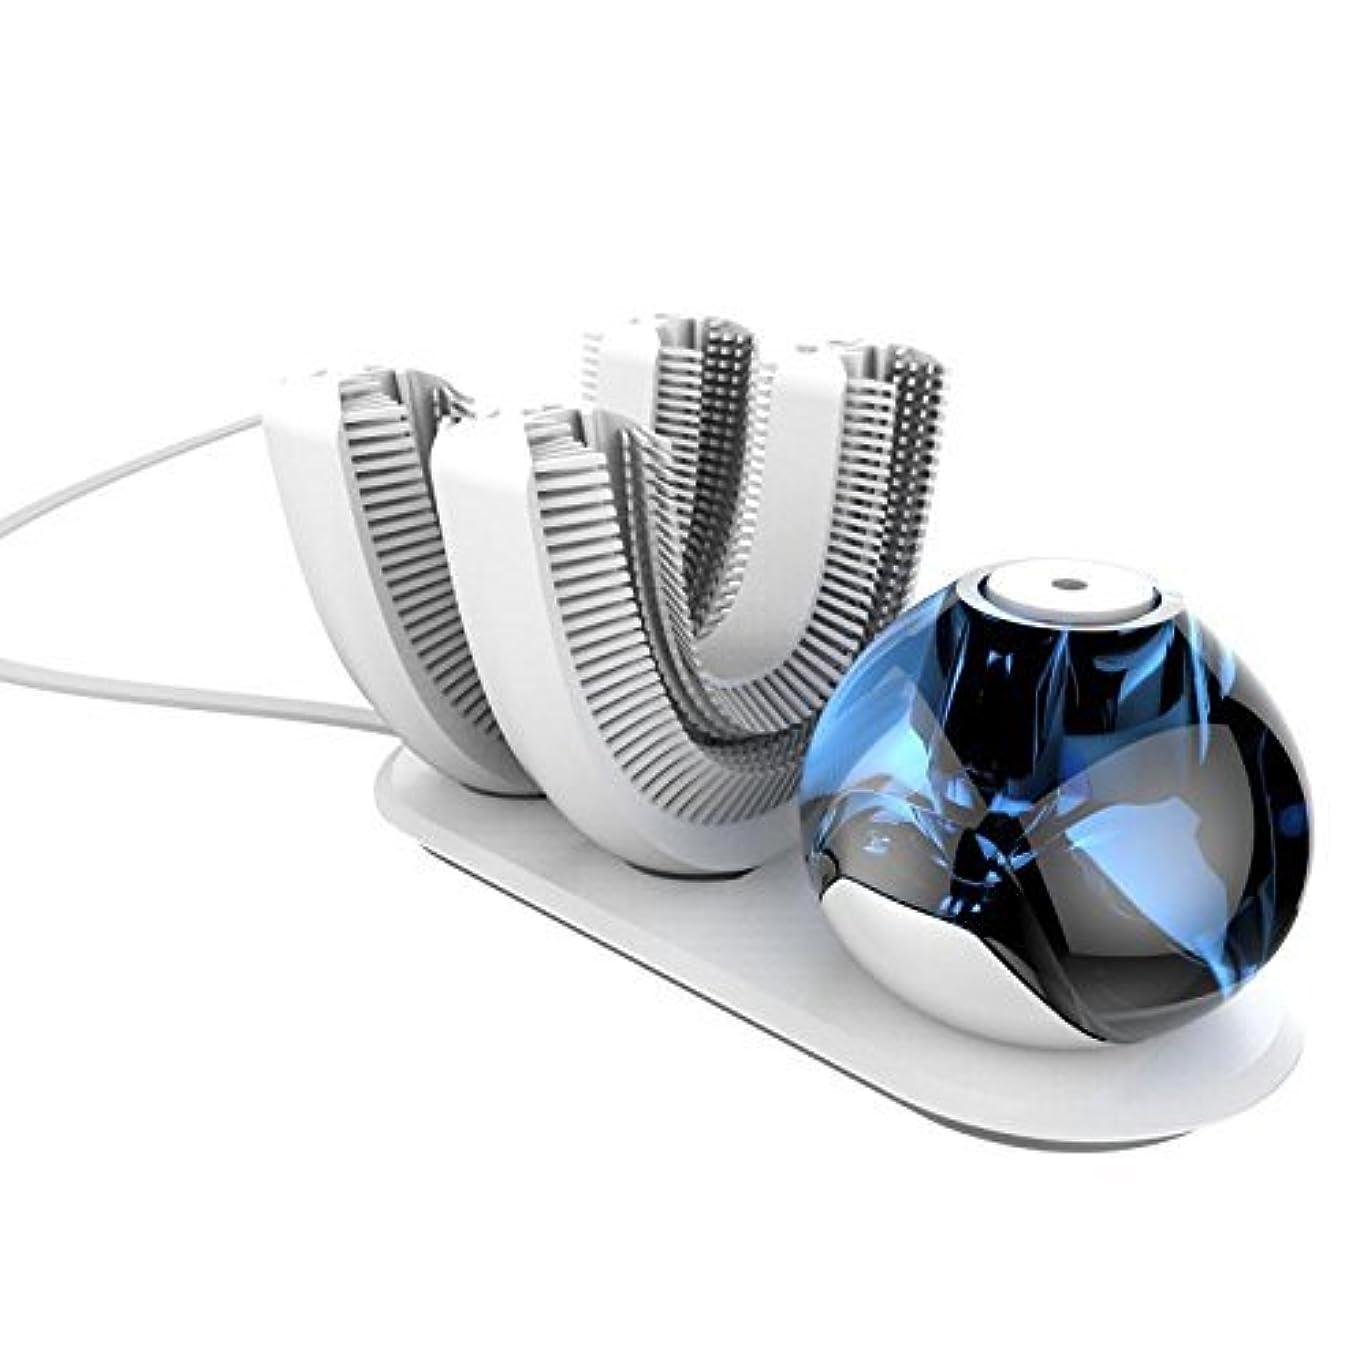 挨拶書誌ゆるく怠け者牙刷-電動 U型 超音波 専門370°全方位 自動歯ブラシ ワイヤレス充電 成人 怠け者 ユニークなU字型のマウスピース わずか10秒で歯磨き 自動バブル 2本の歯ブラシヘッド付き あなたの手を解放 磁気吸引接続...